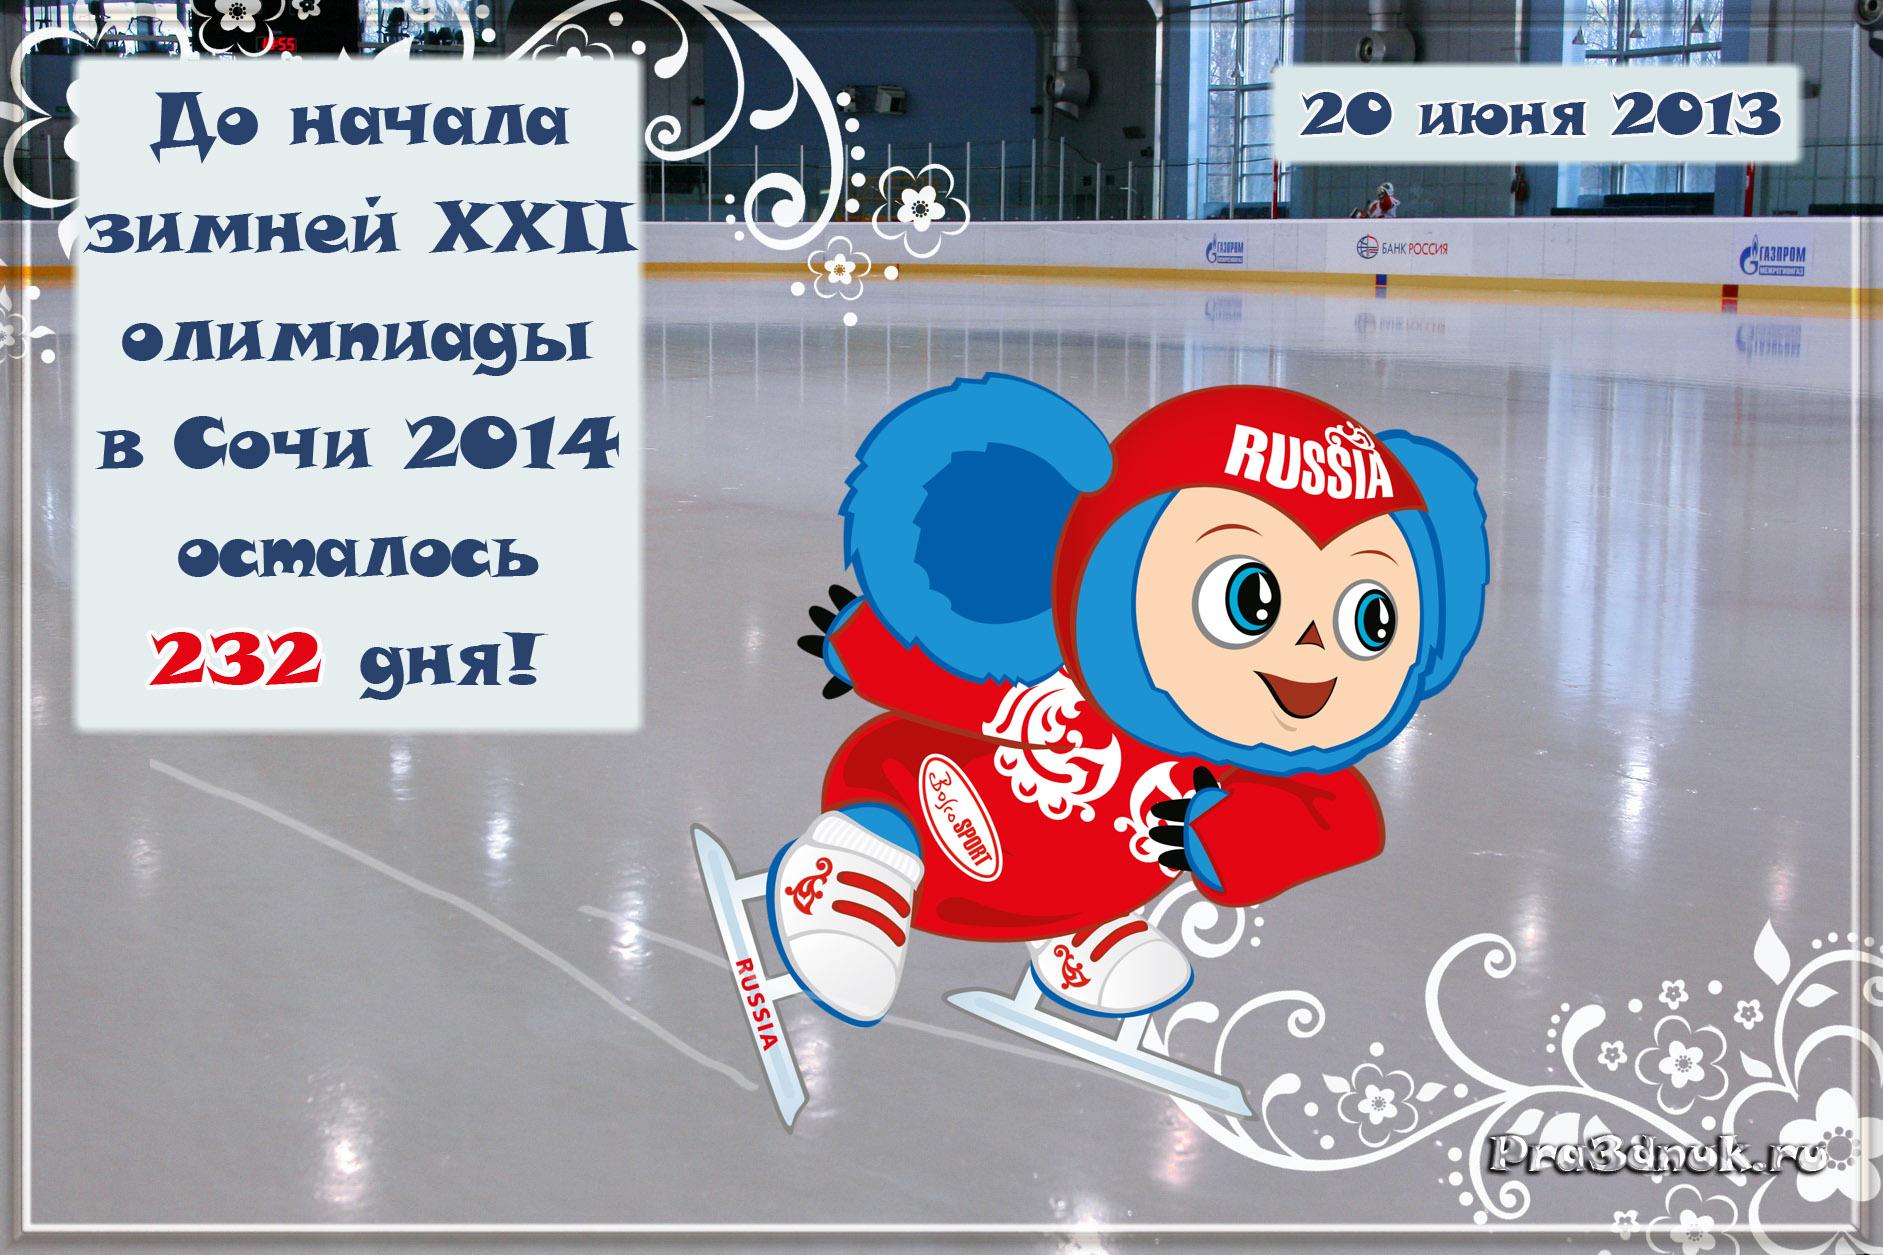 Ночи анимации, открытки олимпиады 2014